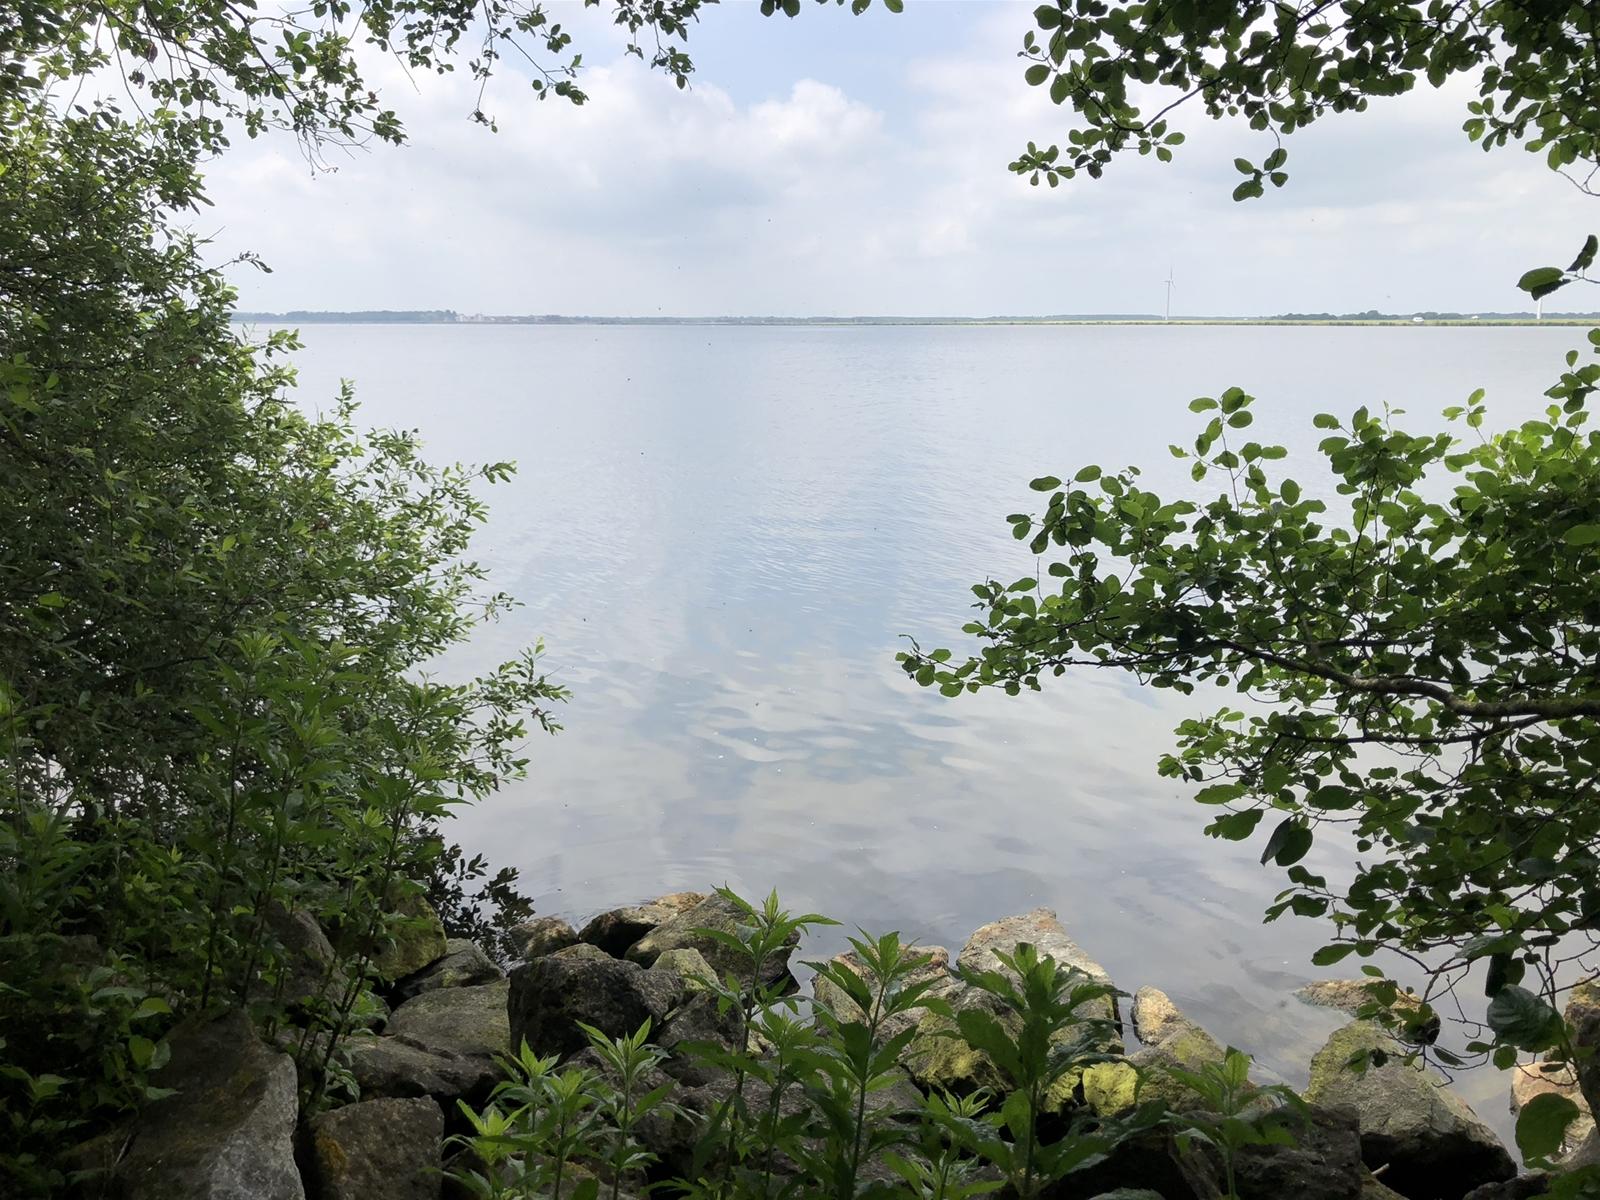 Eiland De Biezen zoekt een nieuwe beheerder - Overzicht van het water bij het eiland